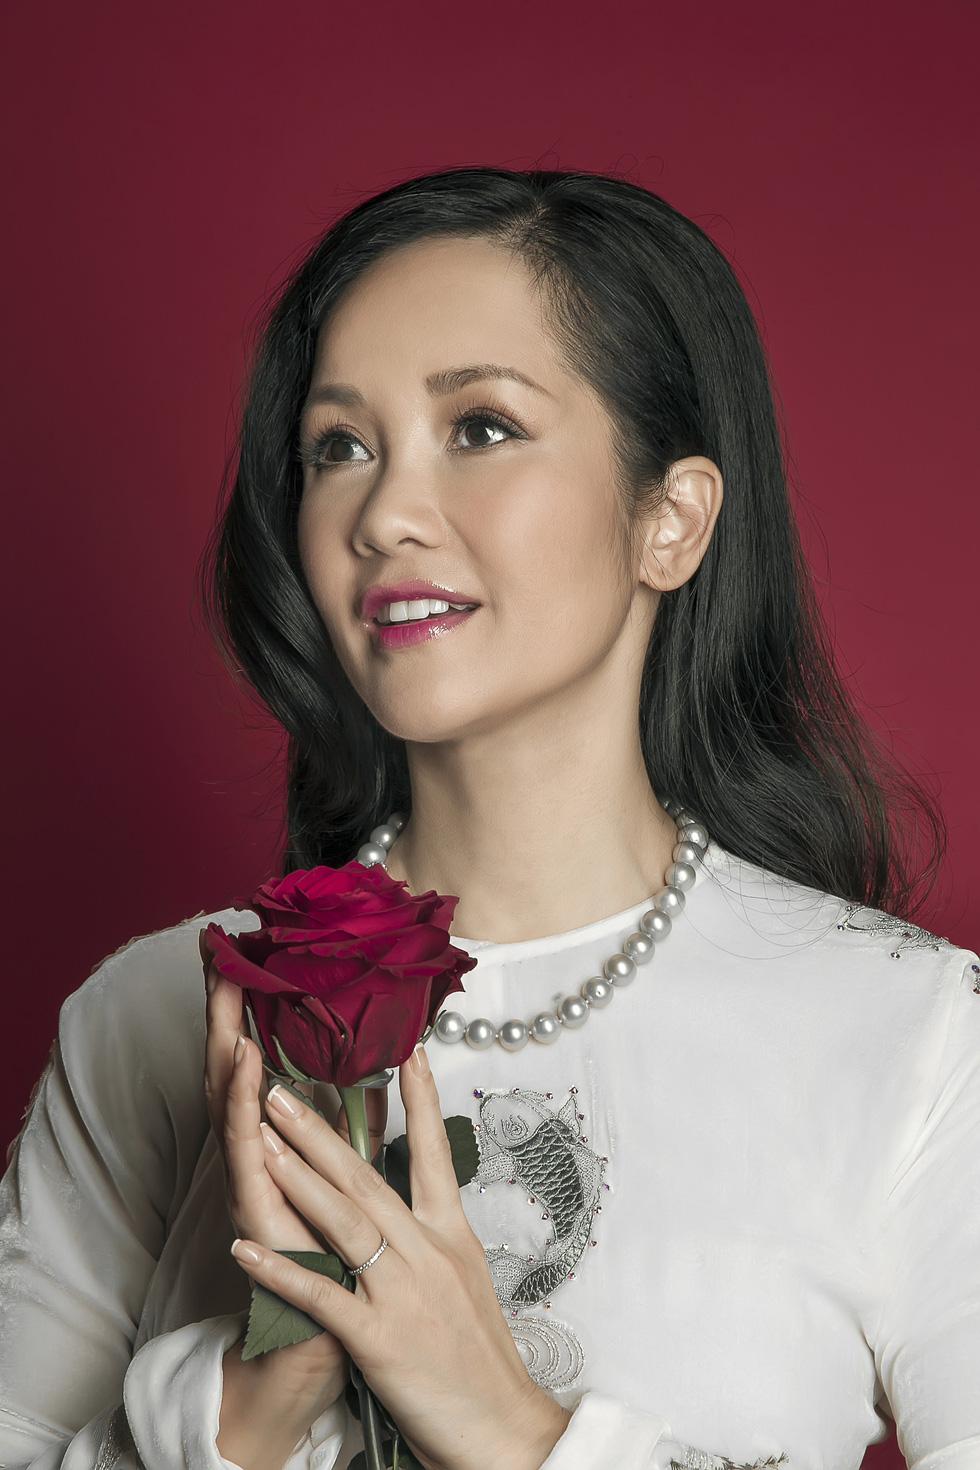 Hồng Nhung: diva chẳng cần hát nhạc diva - Ảnh 7.